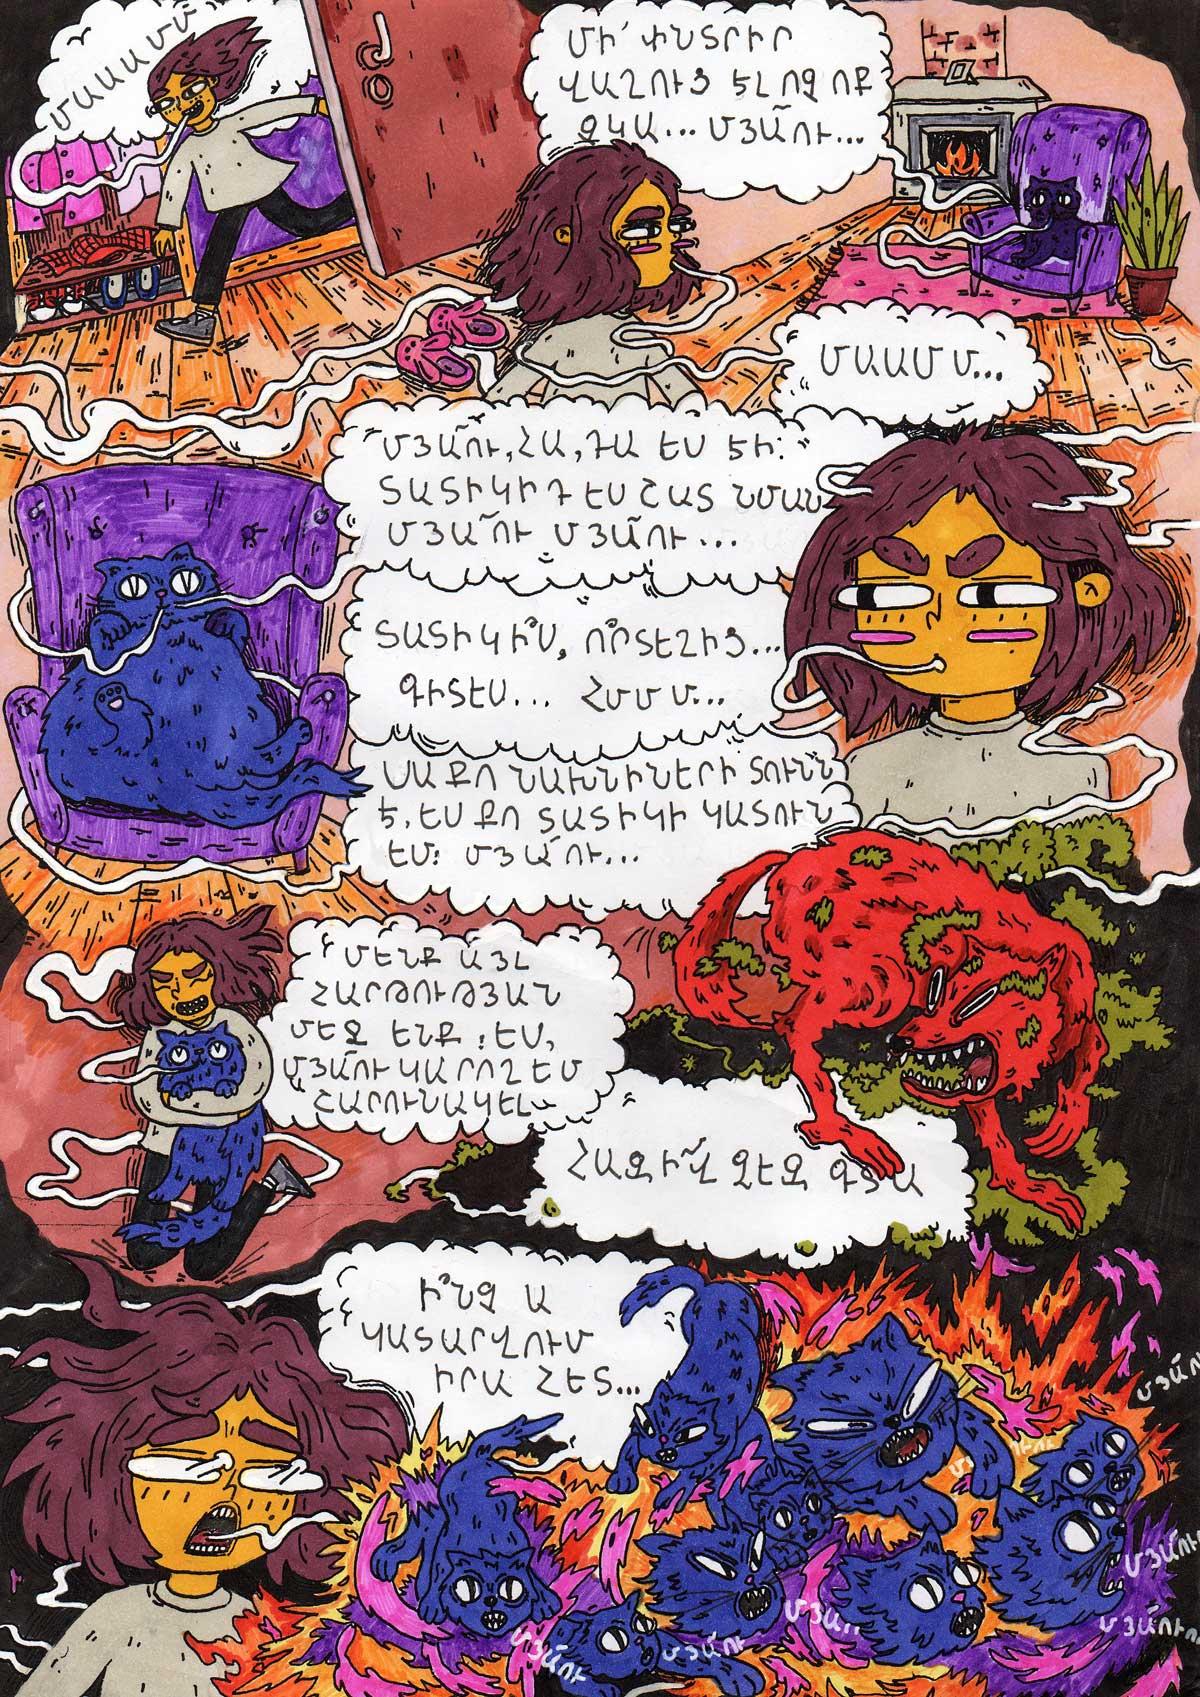 larisa musayelyan 3 - TumoZine Comics with Shamiram Khachatryan